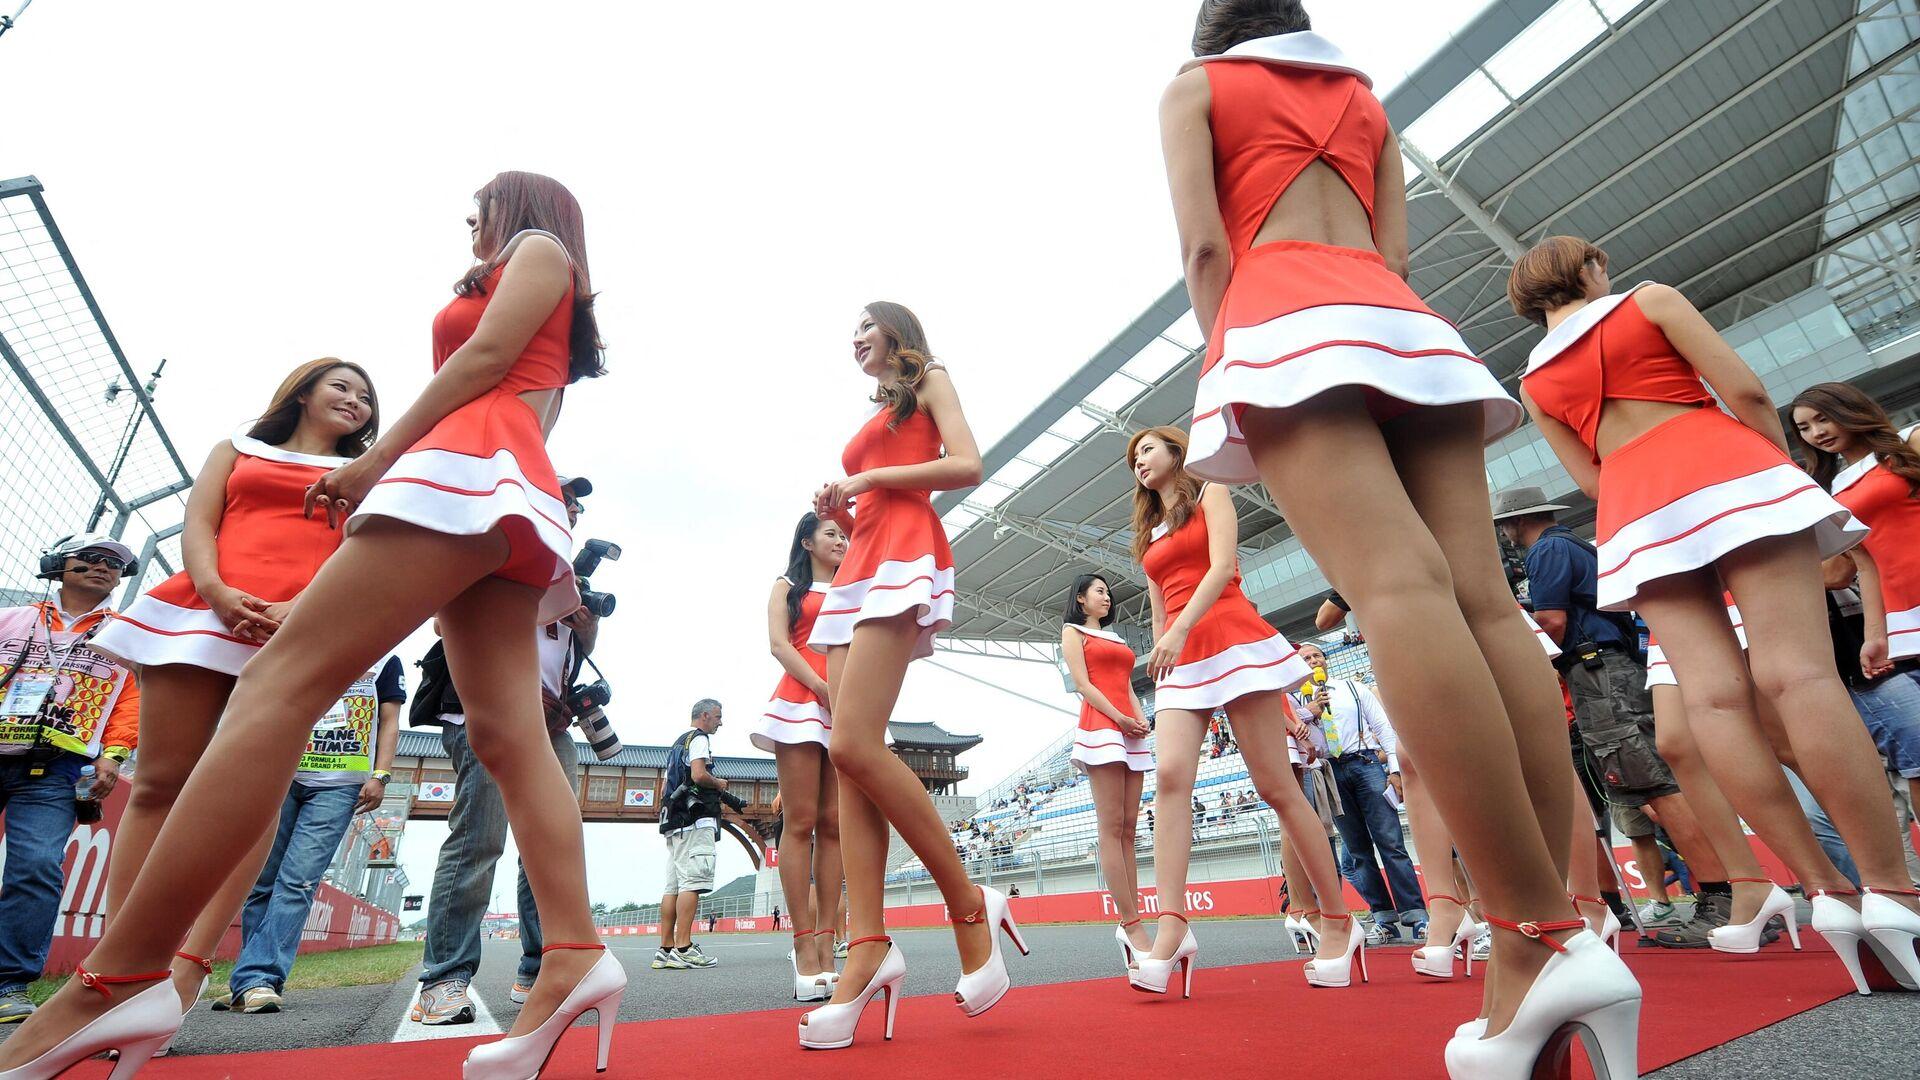 Южнокорейские девушки перед стартом Гран-при Формулы-1 в Корее - РИА Новости, 1920, 08.03.2021